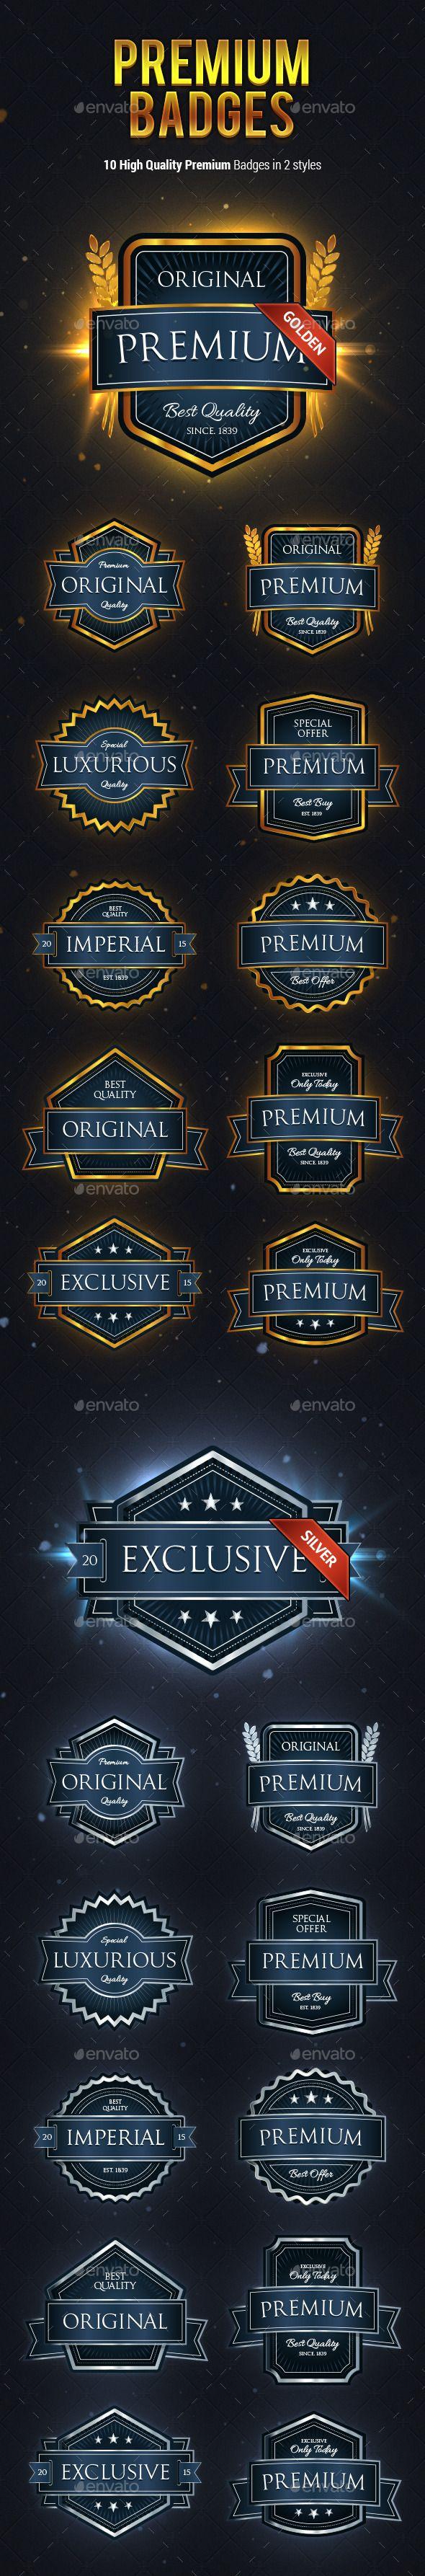 10 High Quality Premium Badges